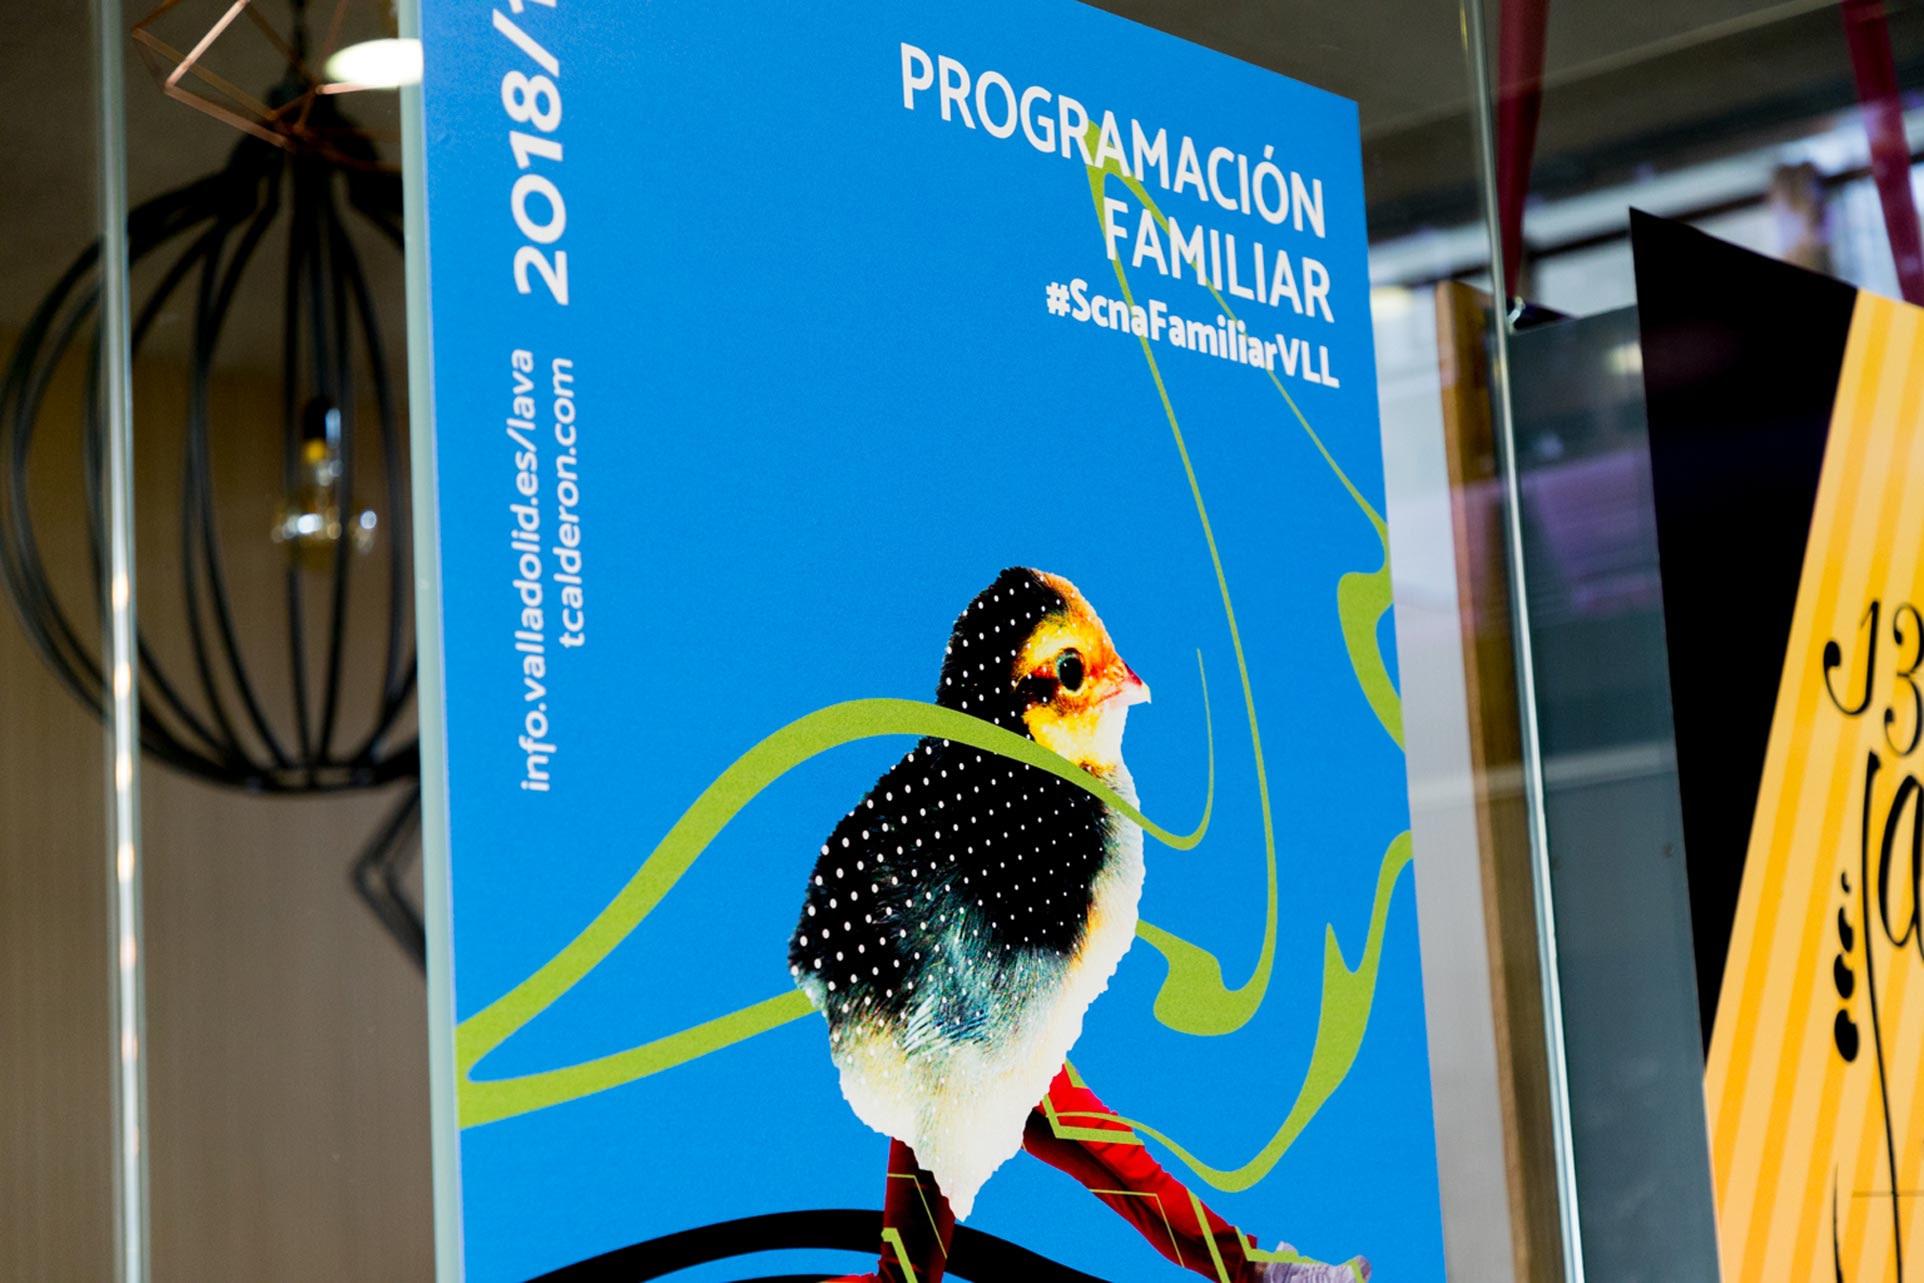 Campaña de publicidad - Cartel Programa Familiar 2 - LAVA Temporada 2018/19